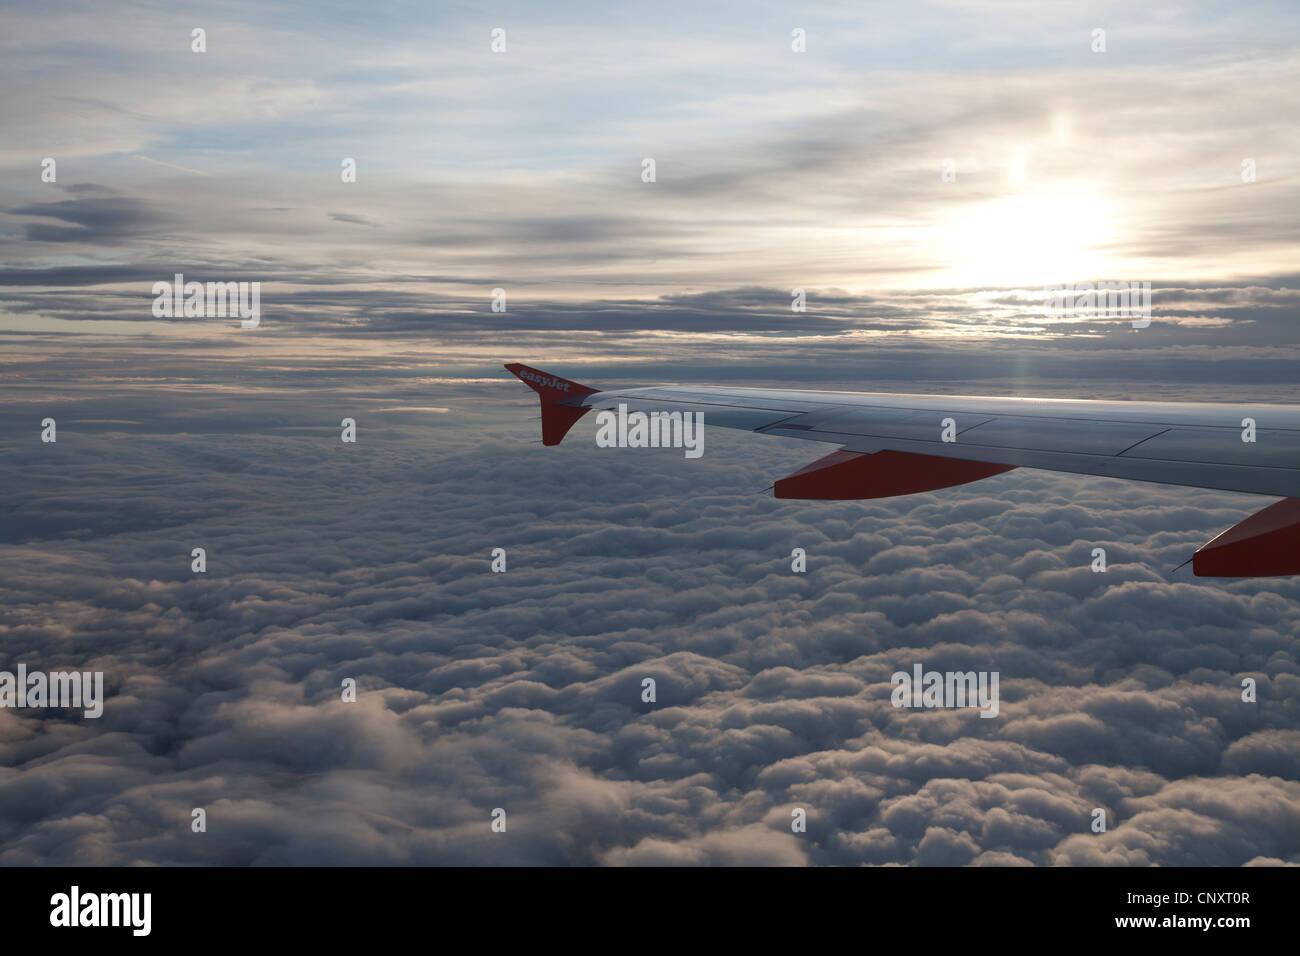 Aile d'avion Easyjet au-dessus de la couche de nuages avec soleil levant. Photo Stock